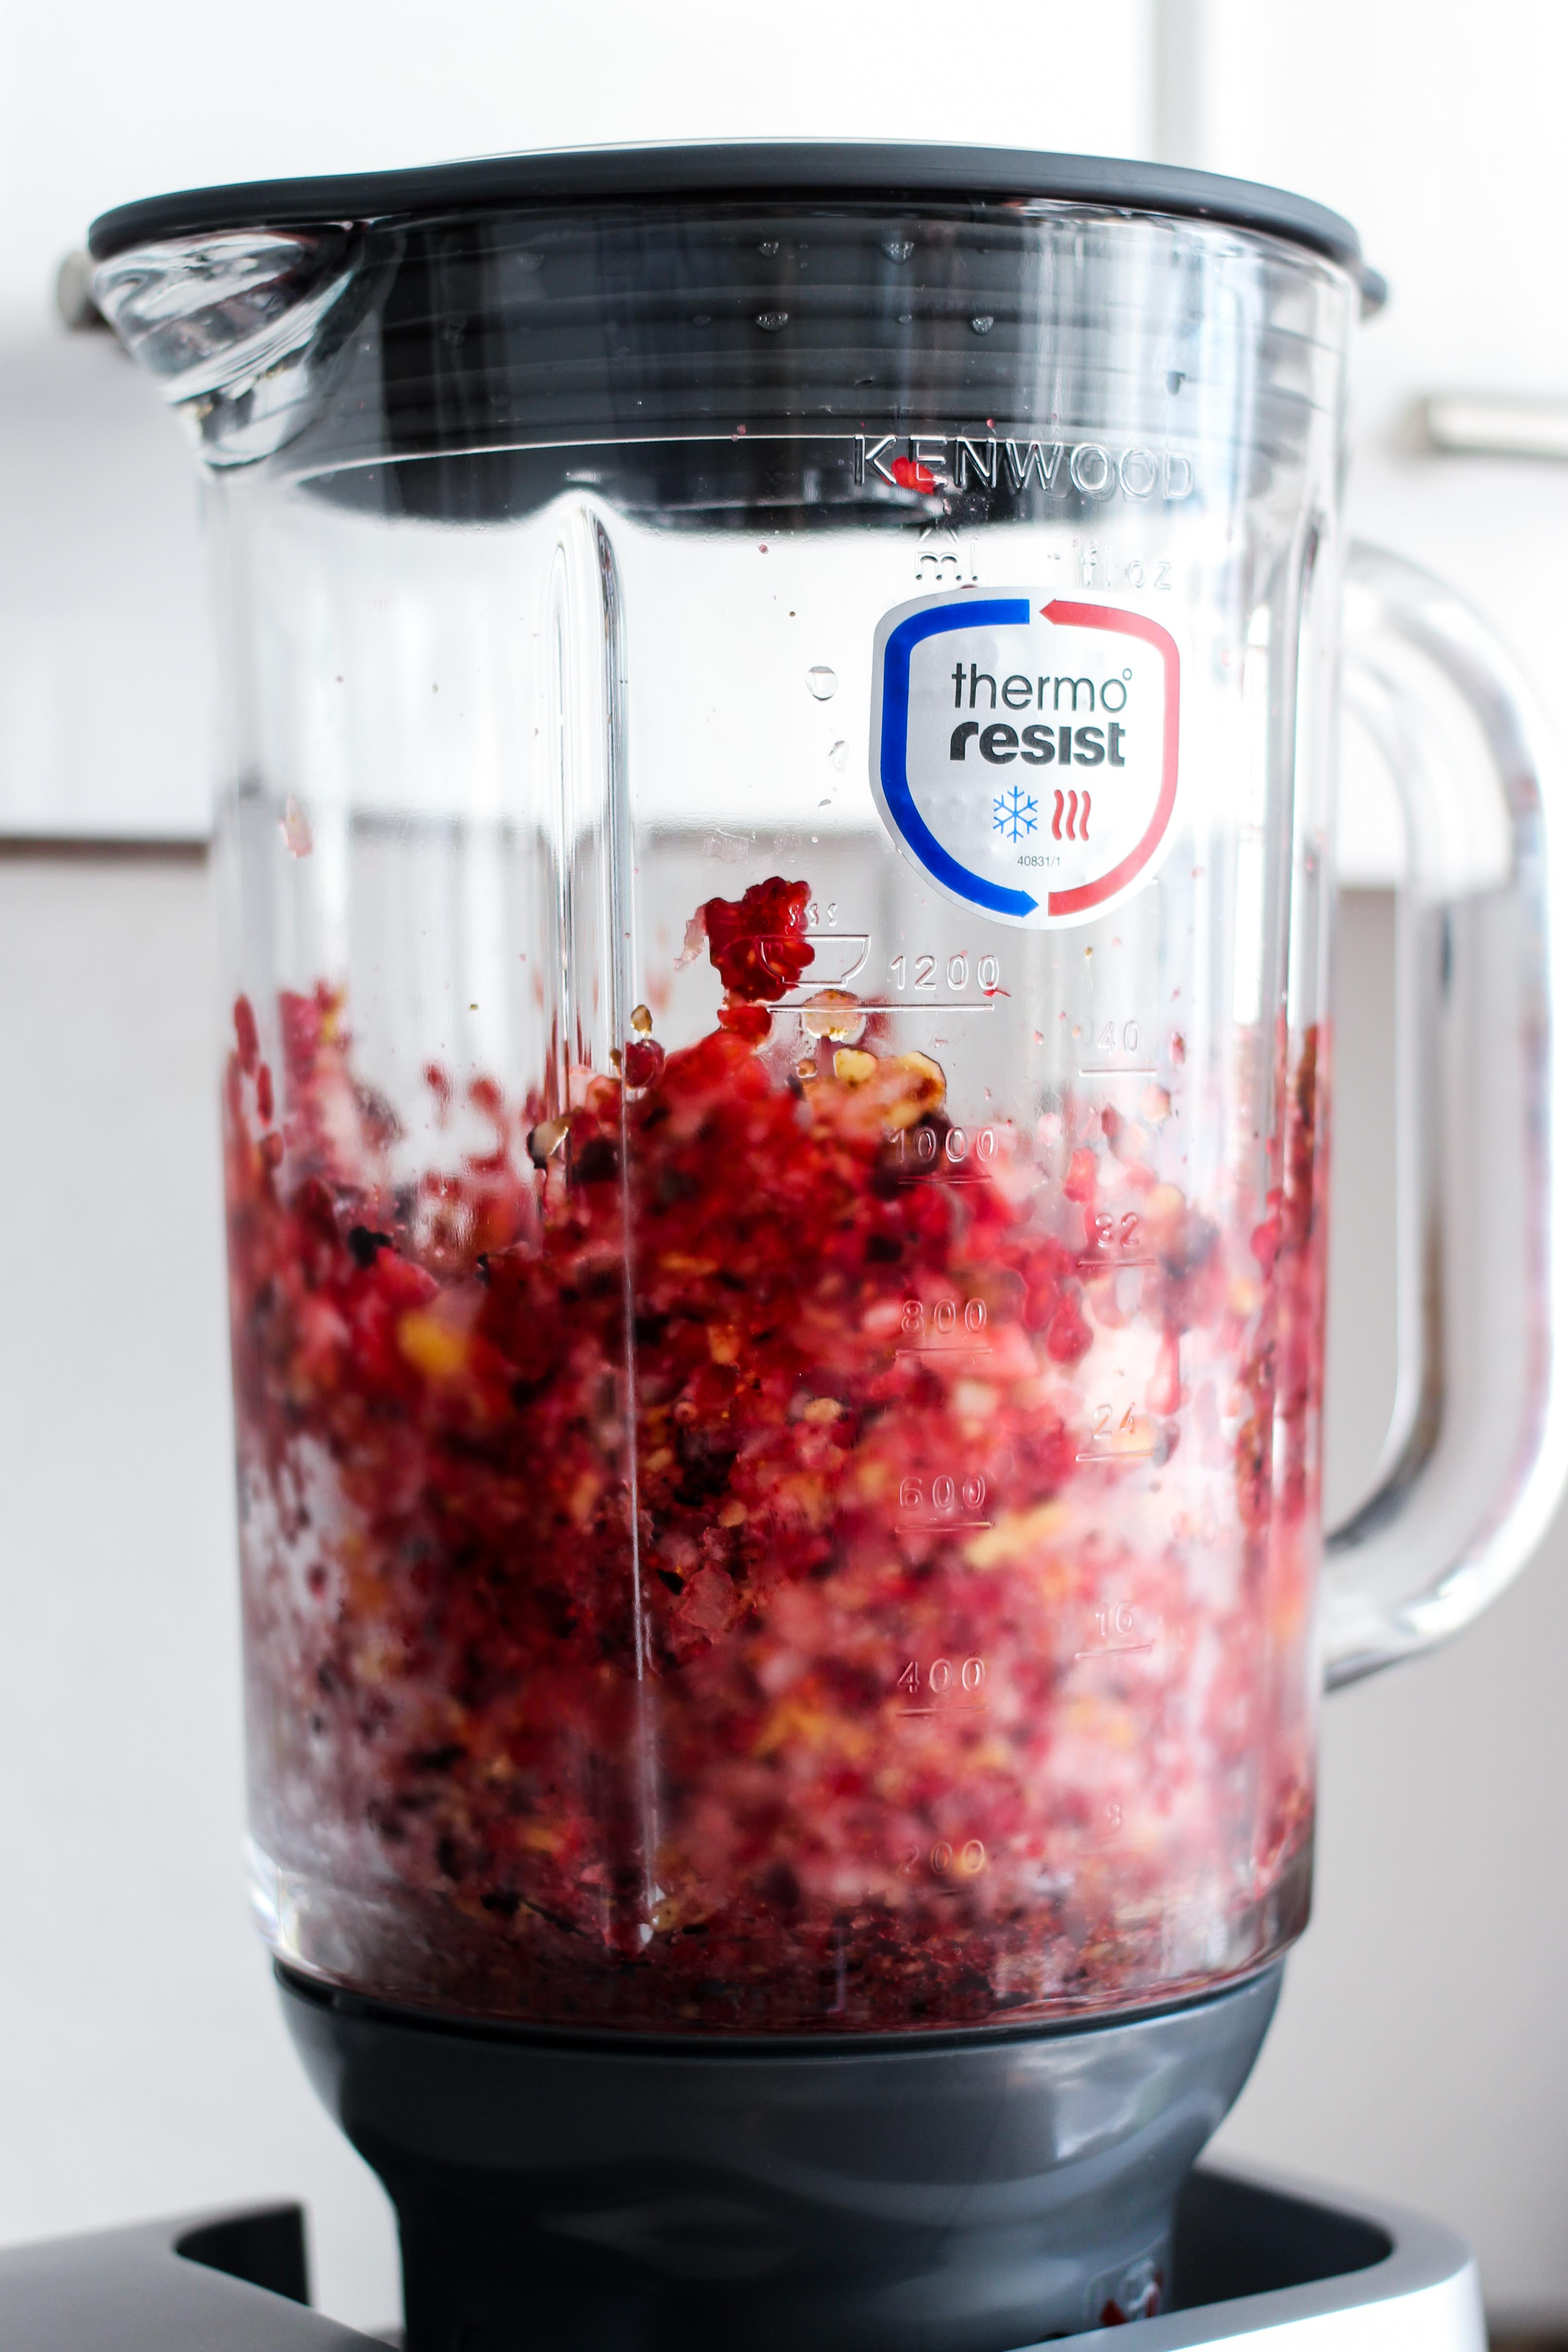 Amazon Kenwood Cooking Chef Gourmet KCC9060S Küchenmaschine ThermoResist Glas-Mixaufsatz Früchte Smoothie Erfahrungsbericht Test 2018 2